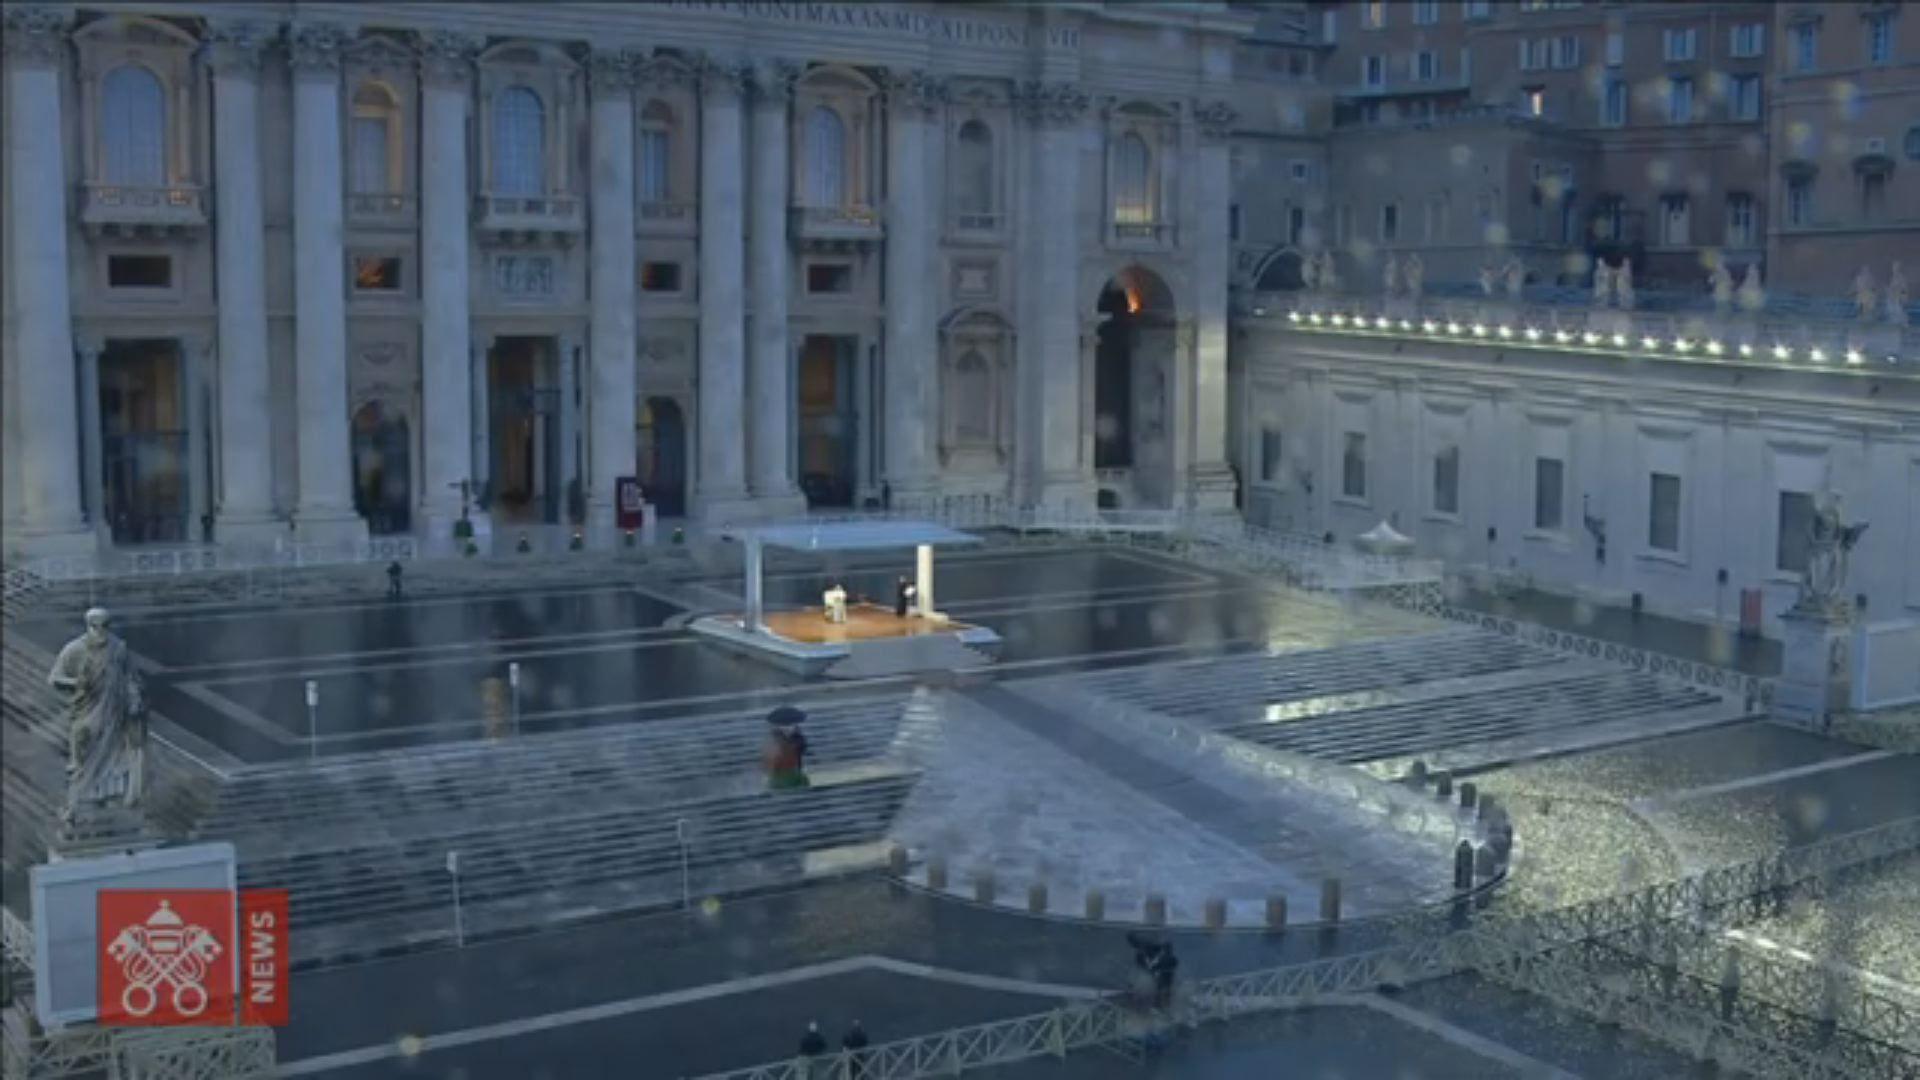 Extraña imagen de labendición del papaen una plaza de San Pedro vacía.Numerosos rostros conocidos participan en la campaña de concienciación.